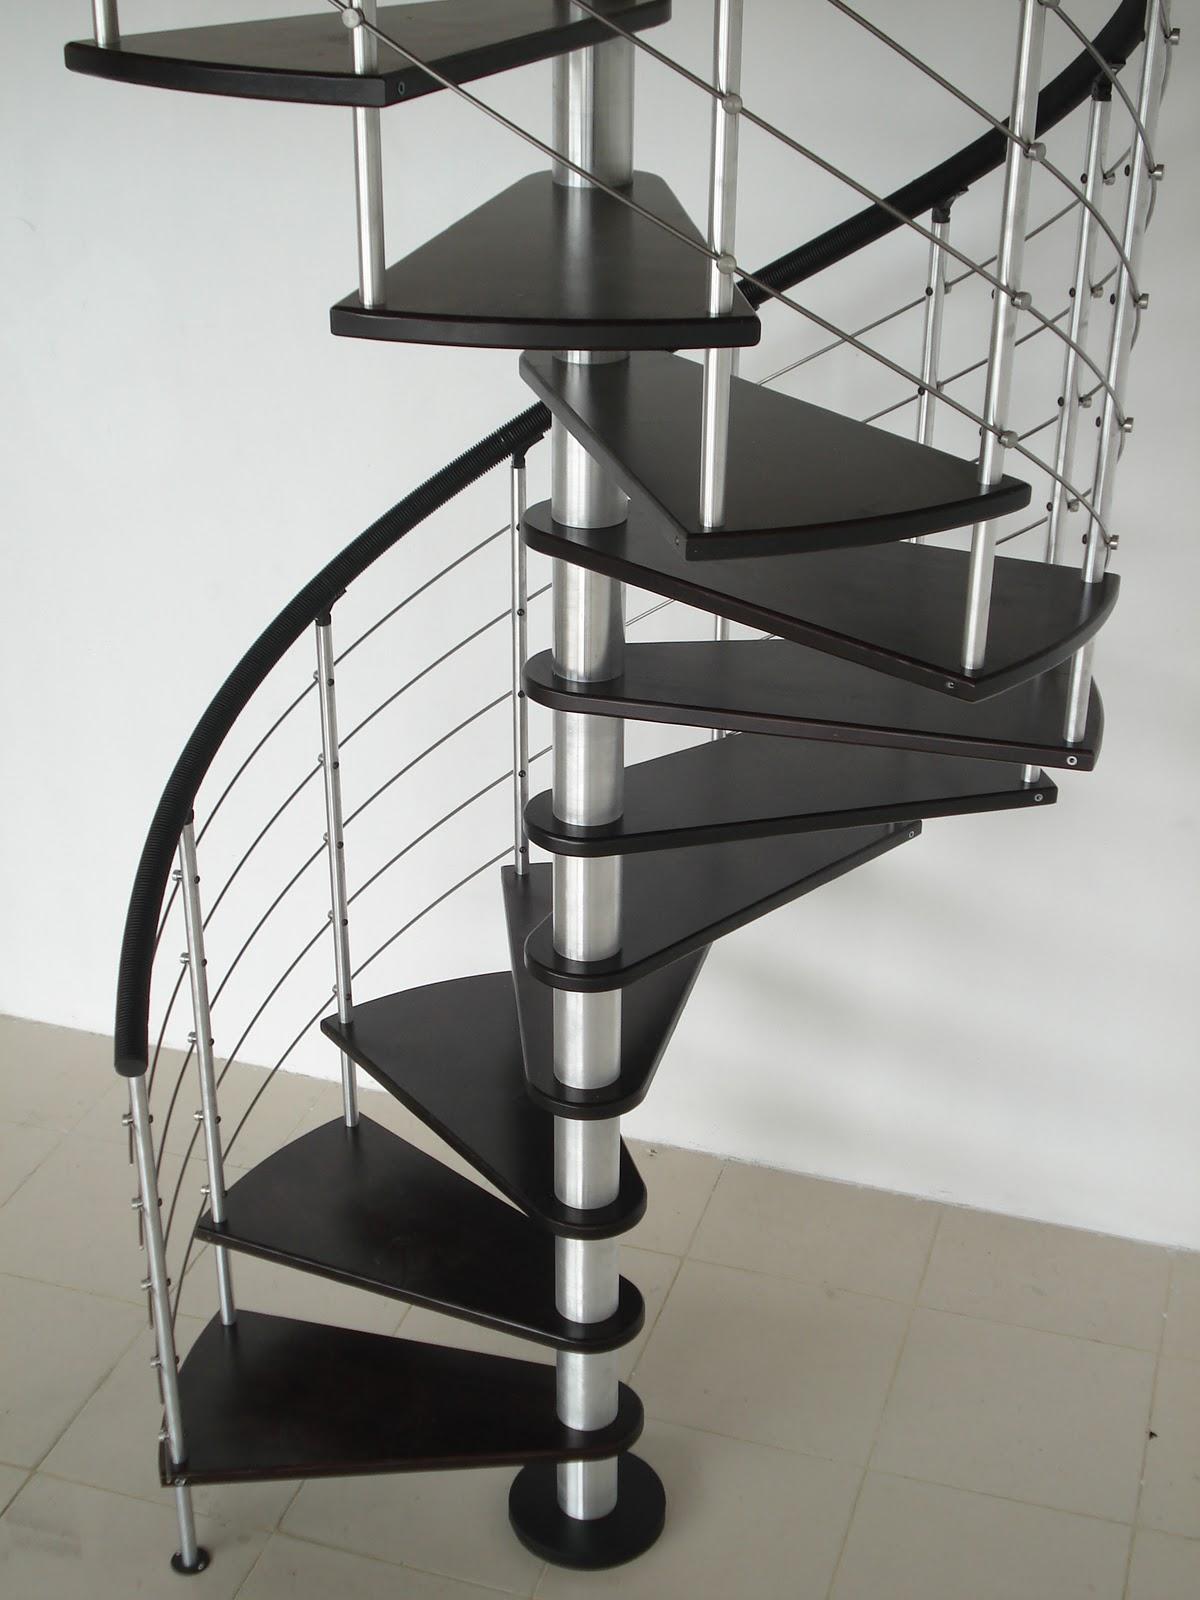 Apuntes revista digital de arquitectura alternativas a - Escaleras de caracol metalicas ...